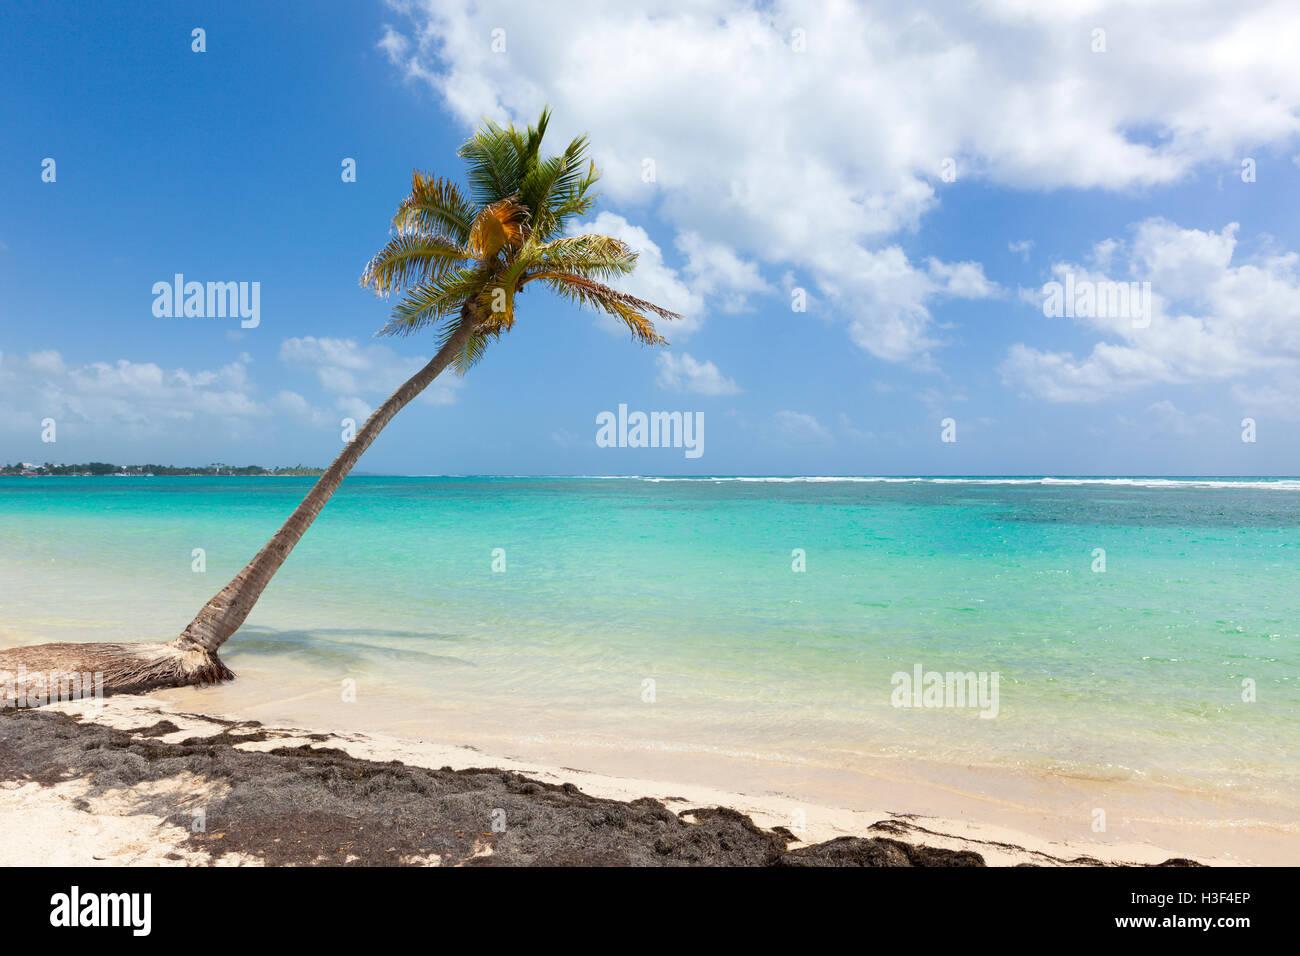 Sola palmera en la playa del Mar Caribe, Guadalupe Foto de stock